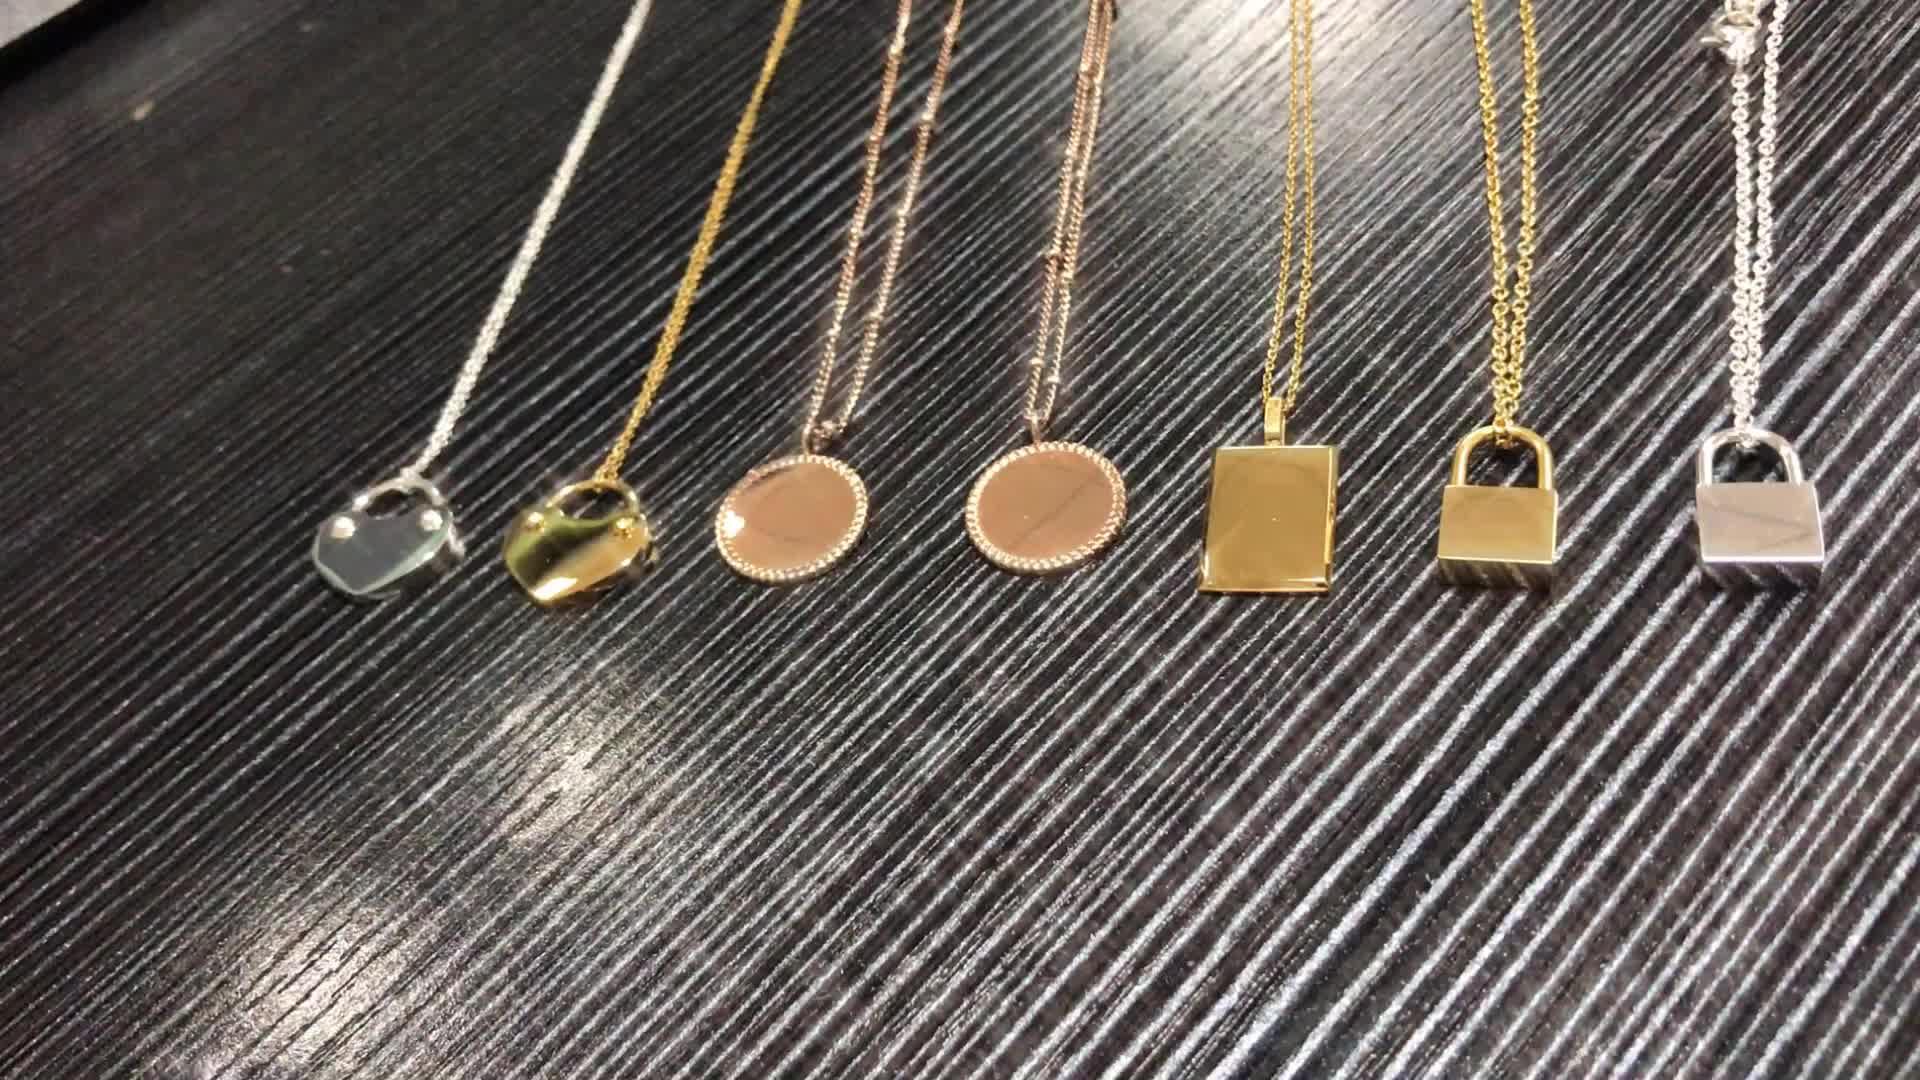 2019 ファッションゴールドロックネックレス彫刻ステンレス鋼ネックレスベンダー